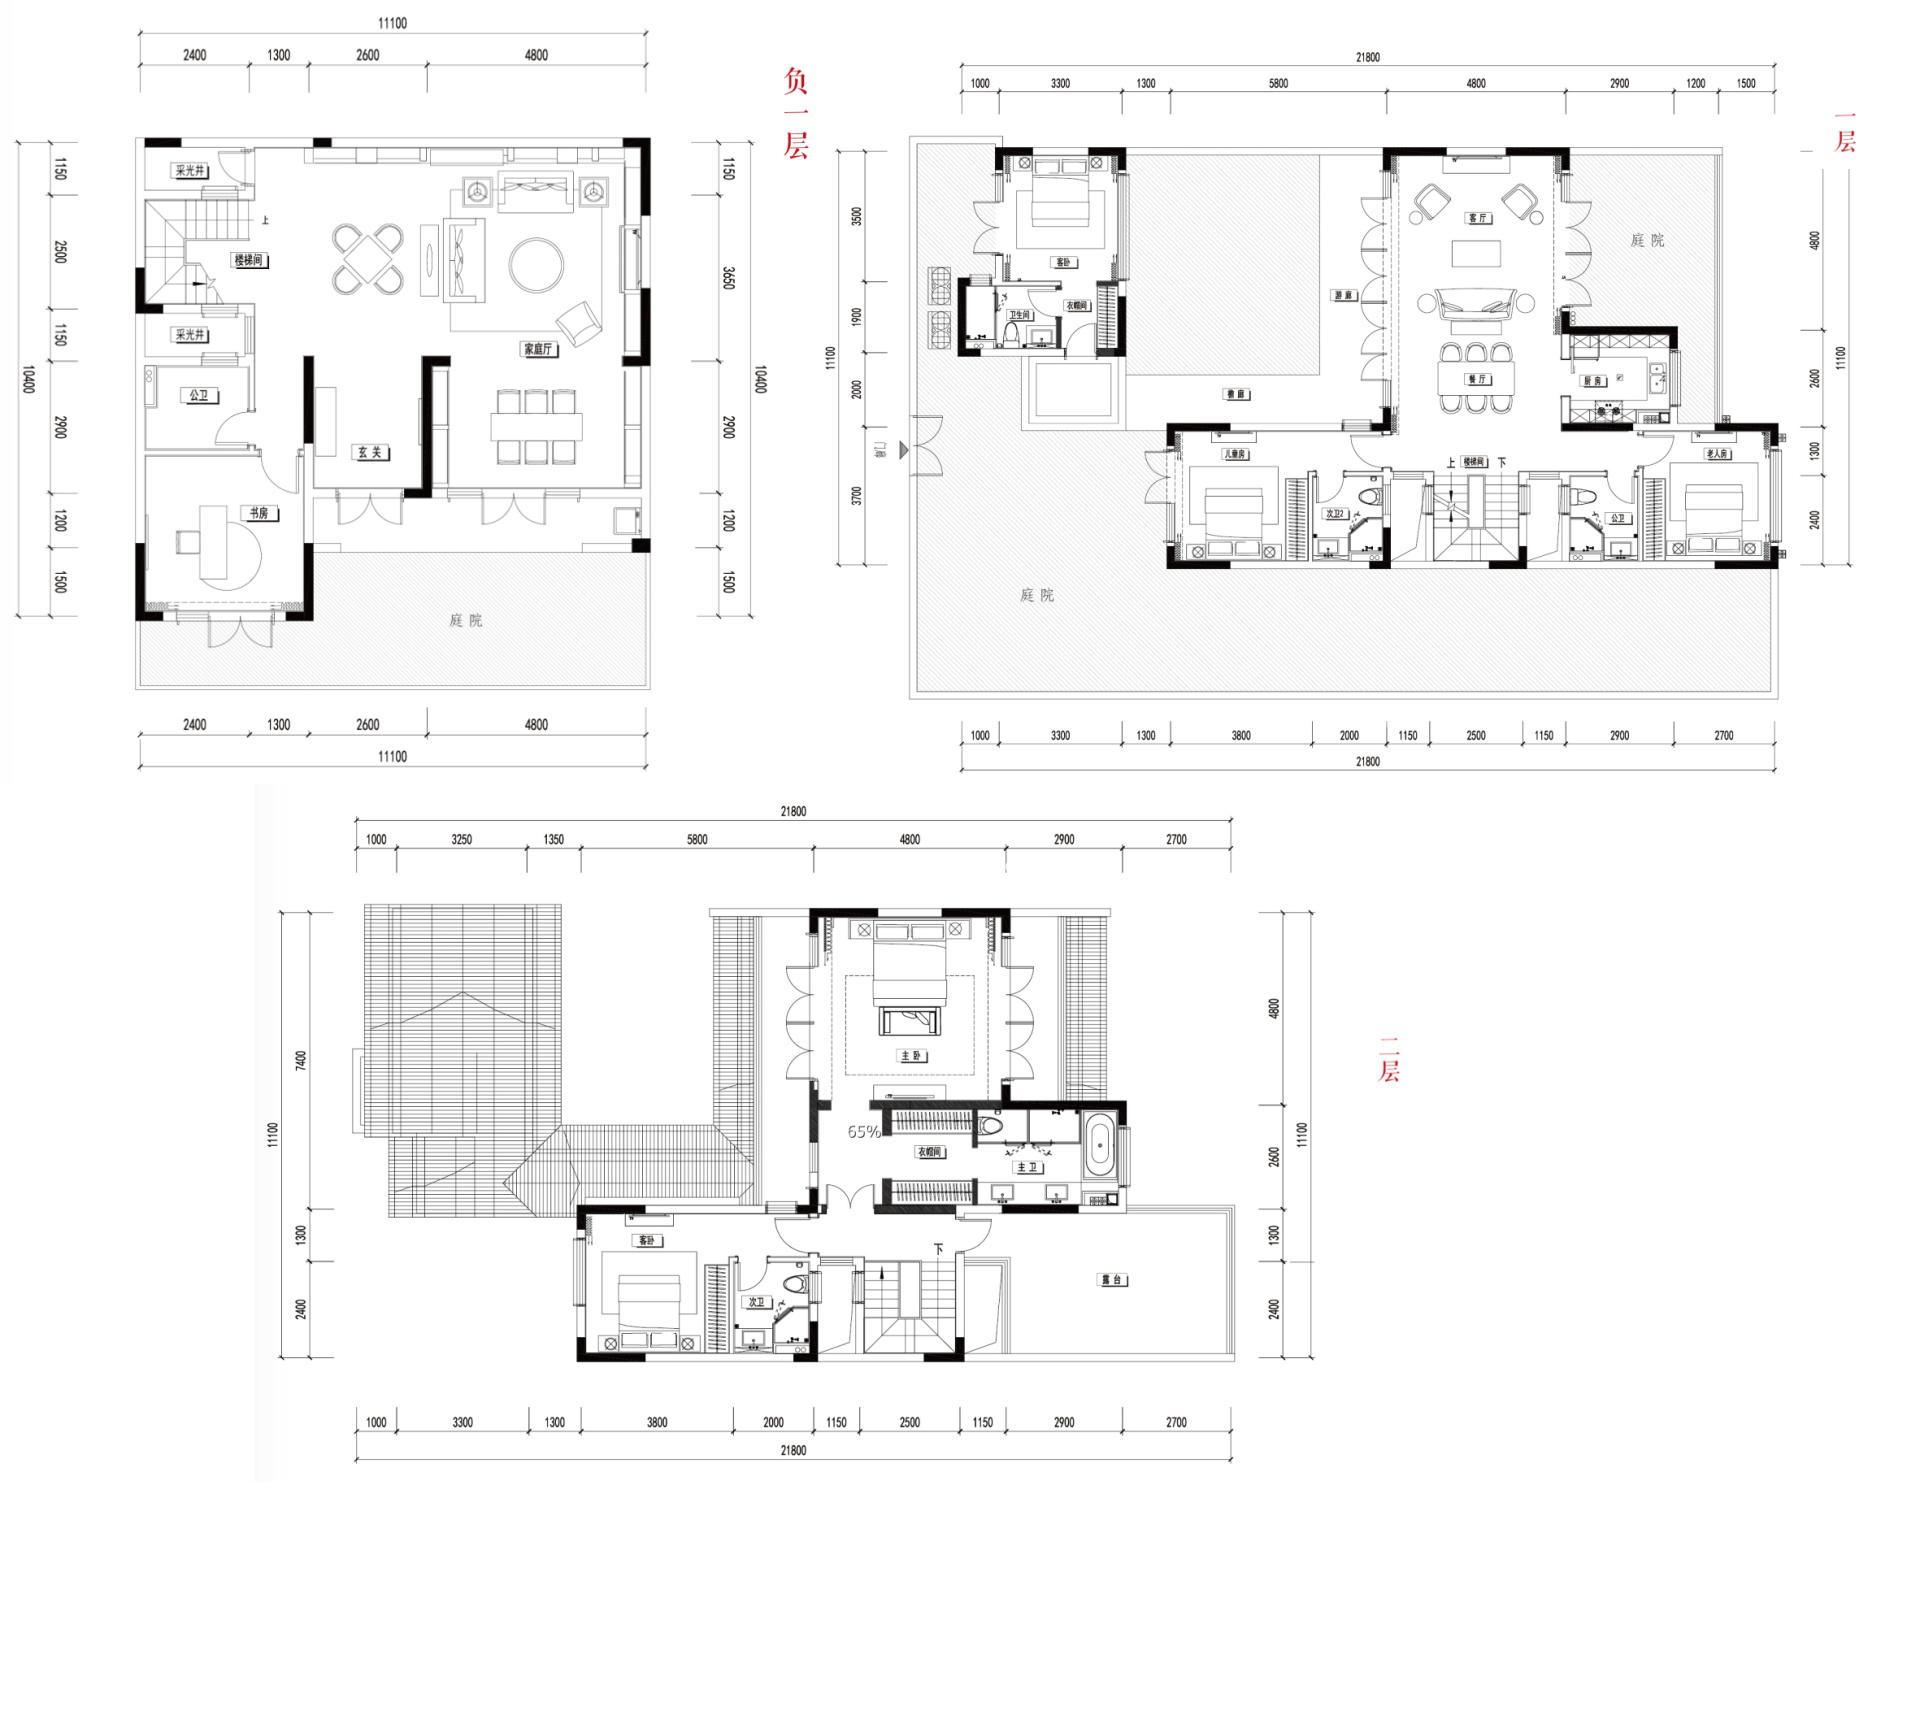 别墅C1  5室3厅5卫1厨建面330㎡